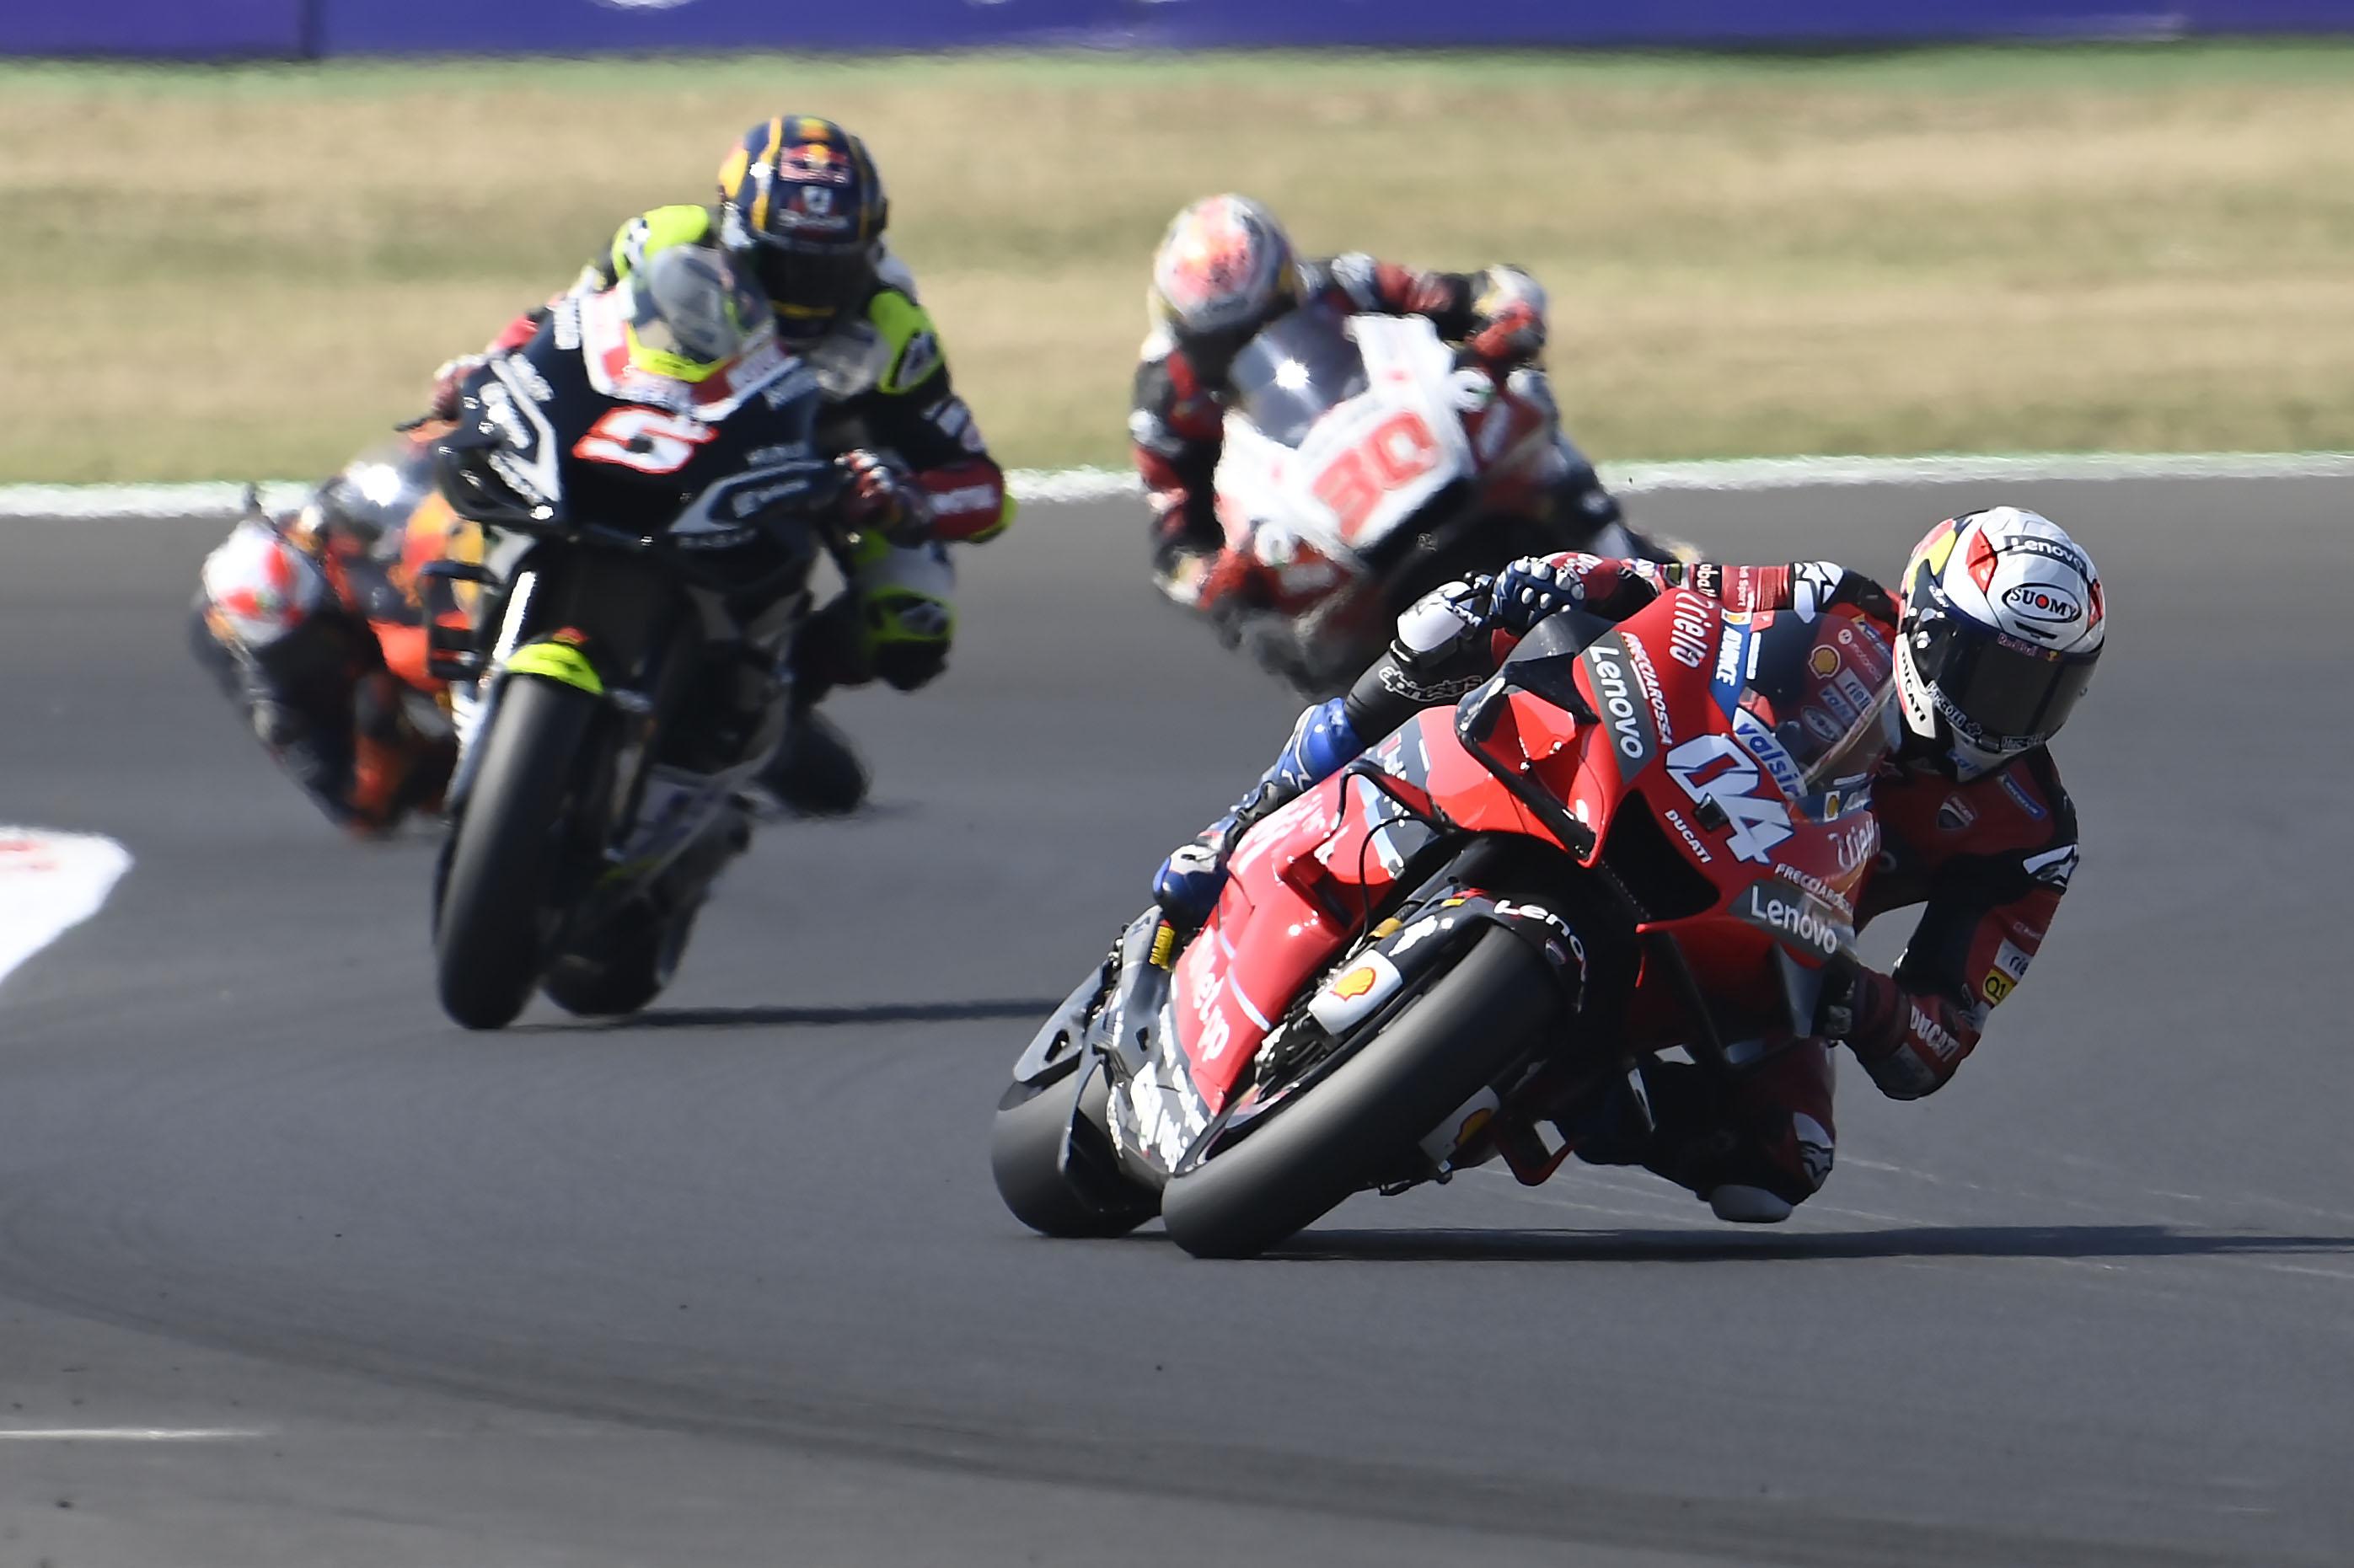 Andrea Dovizioso Ducati Misano MotoGP 2020